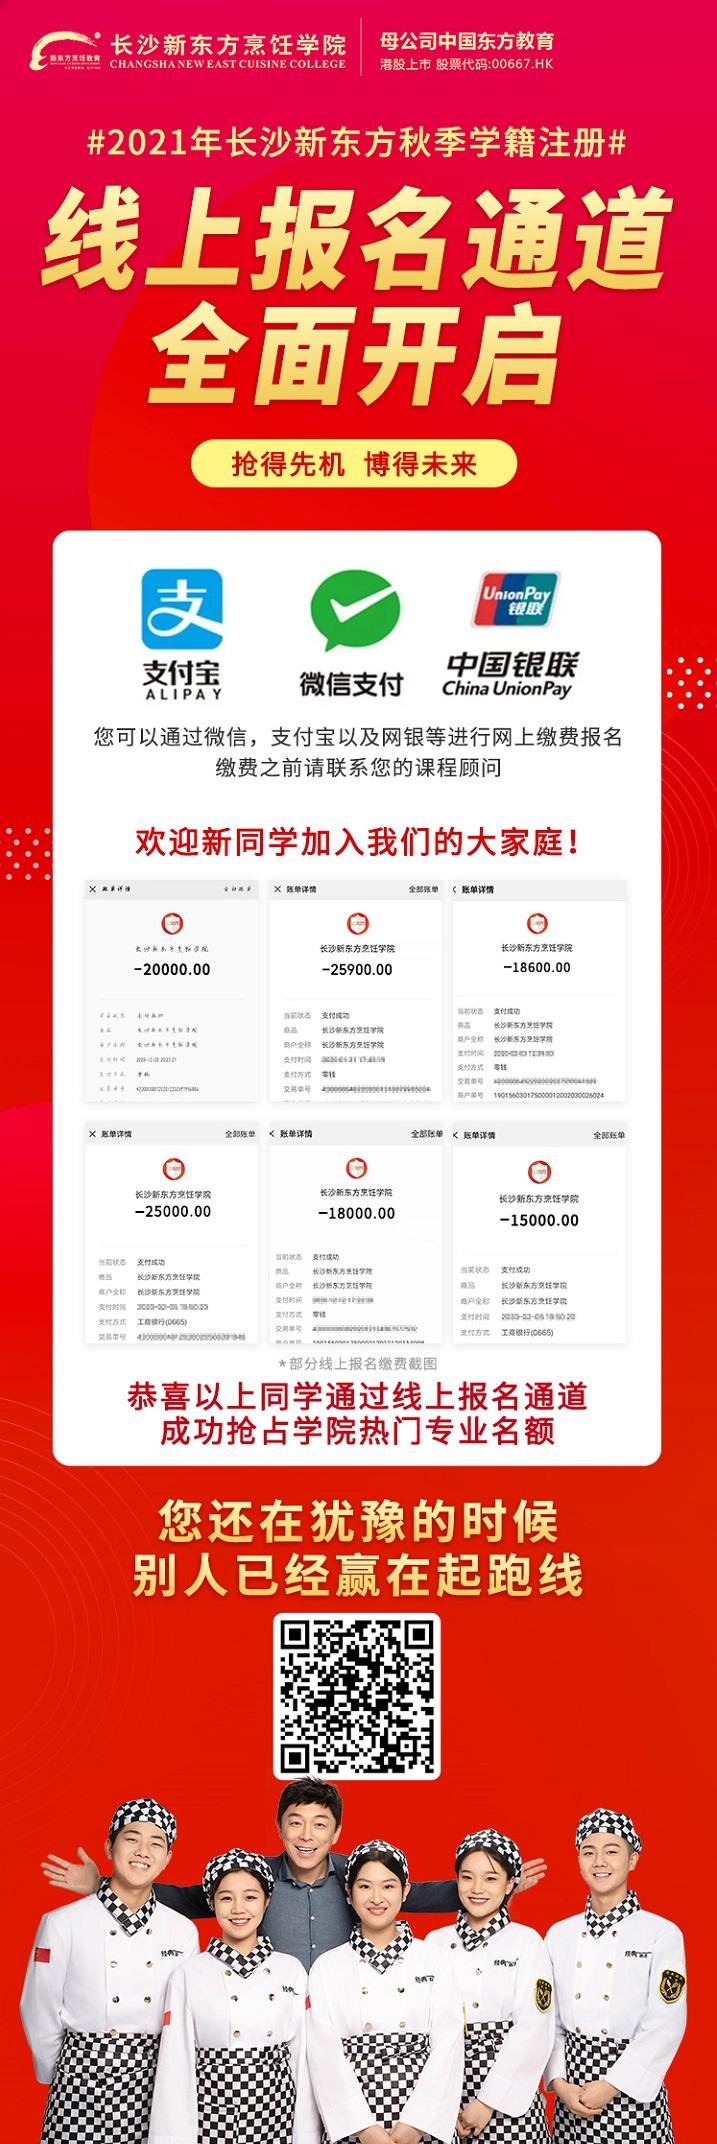 长沙新东方烹饪学院,线上学籍注册,秋季,学籍录取